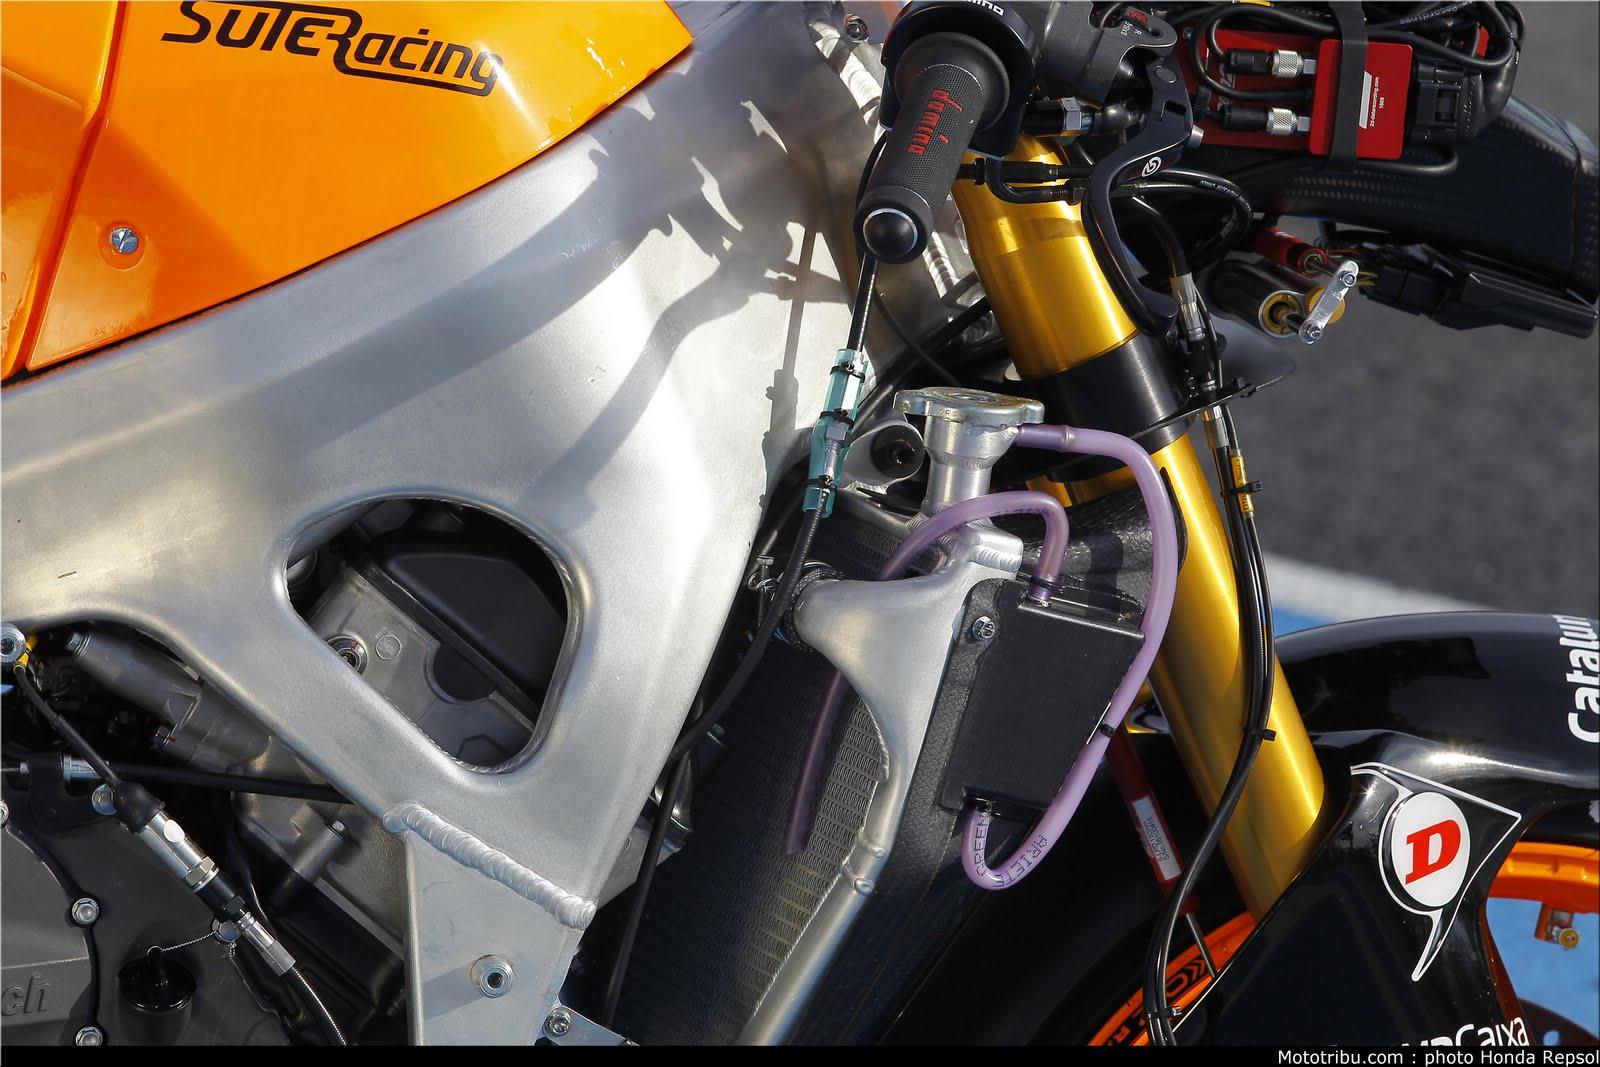 Machines de courses ( Race bikes ) - Page 7 Suter%2BMMX%2BMarquez%2B2011%2B10